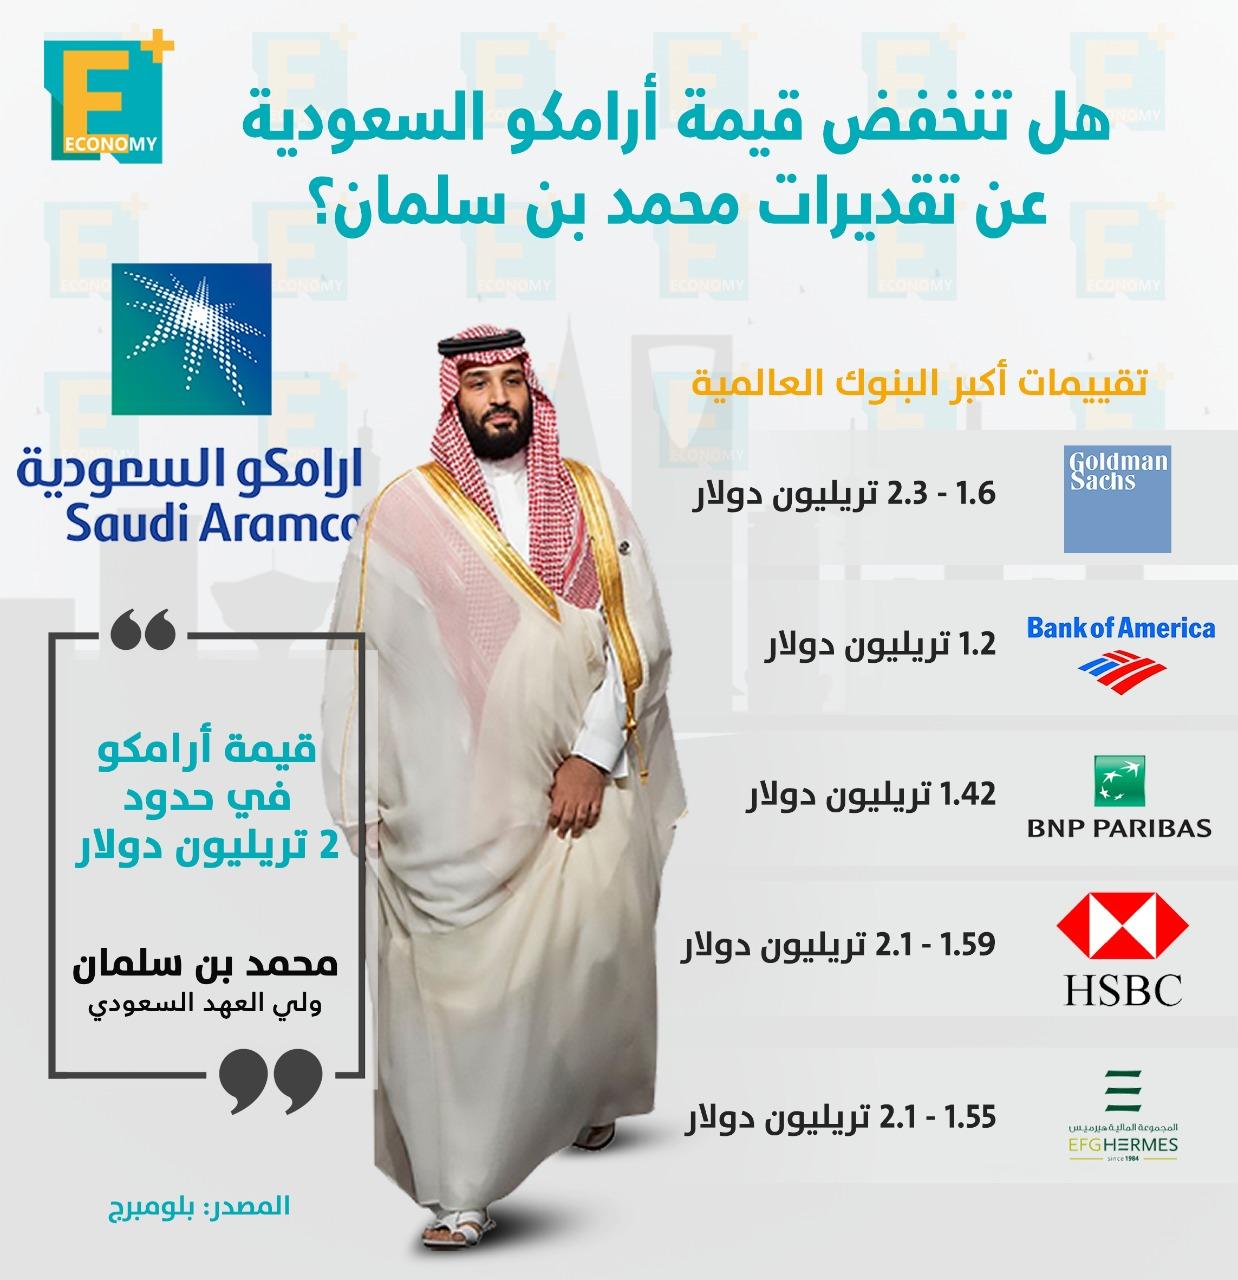 هل تنخفض قيمة أرامكو السعودية عن تقديرات محمد بن سلمان؟